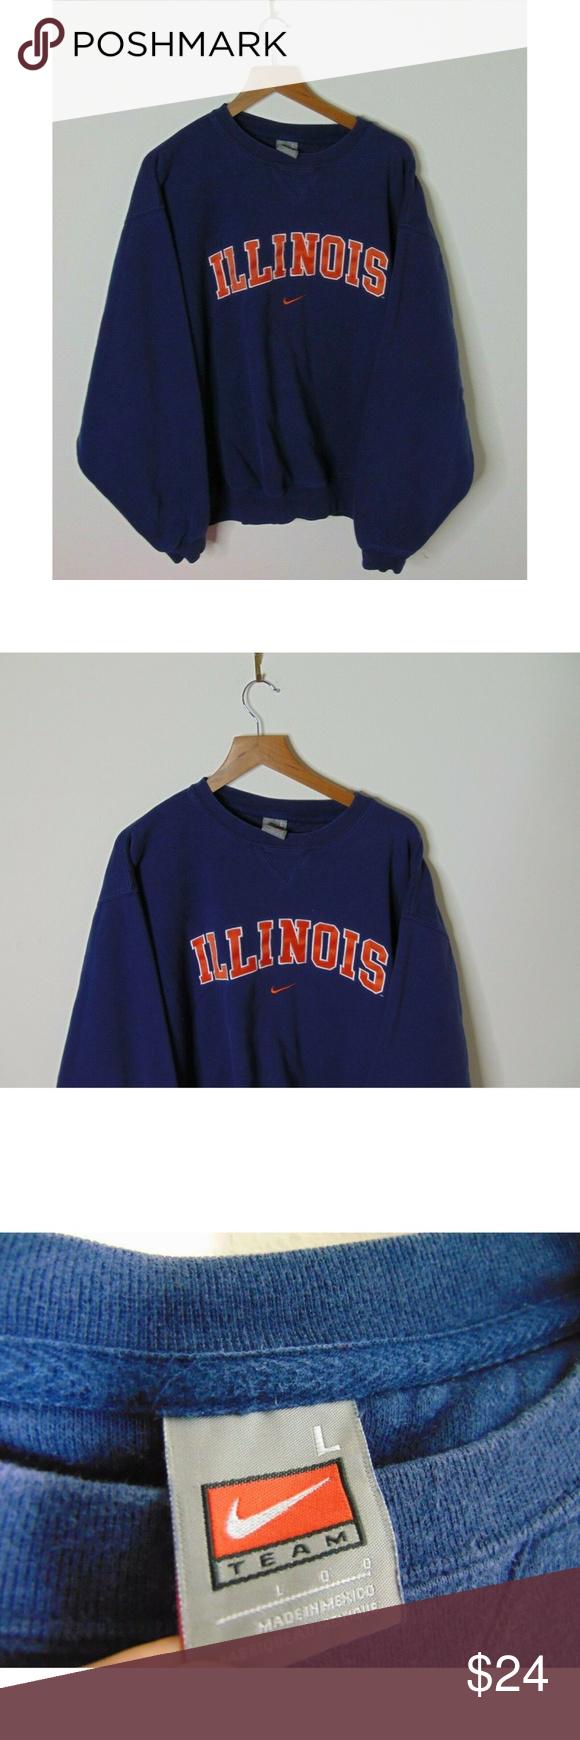 Vintage Nike L Illinois Crewneck Sweatshirt Blue Sweatshirts Vintage Nike Crew Neck Sweatshirt [ 1740 x 580 Pixel ]